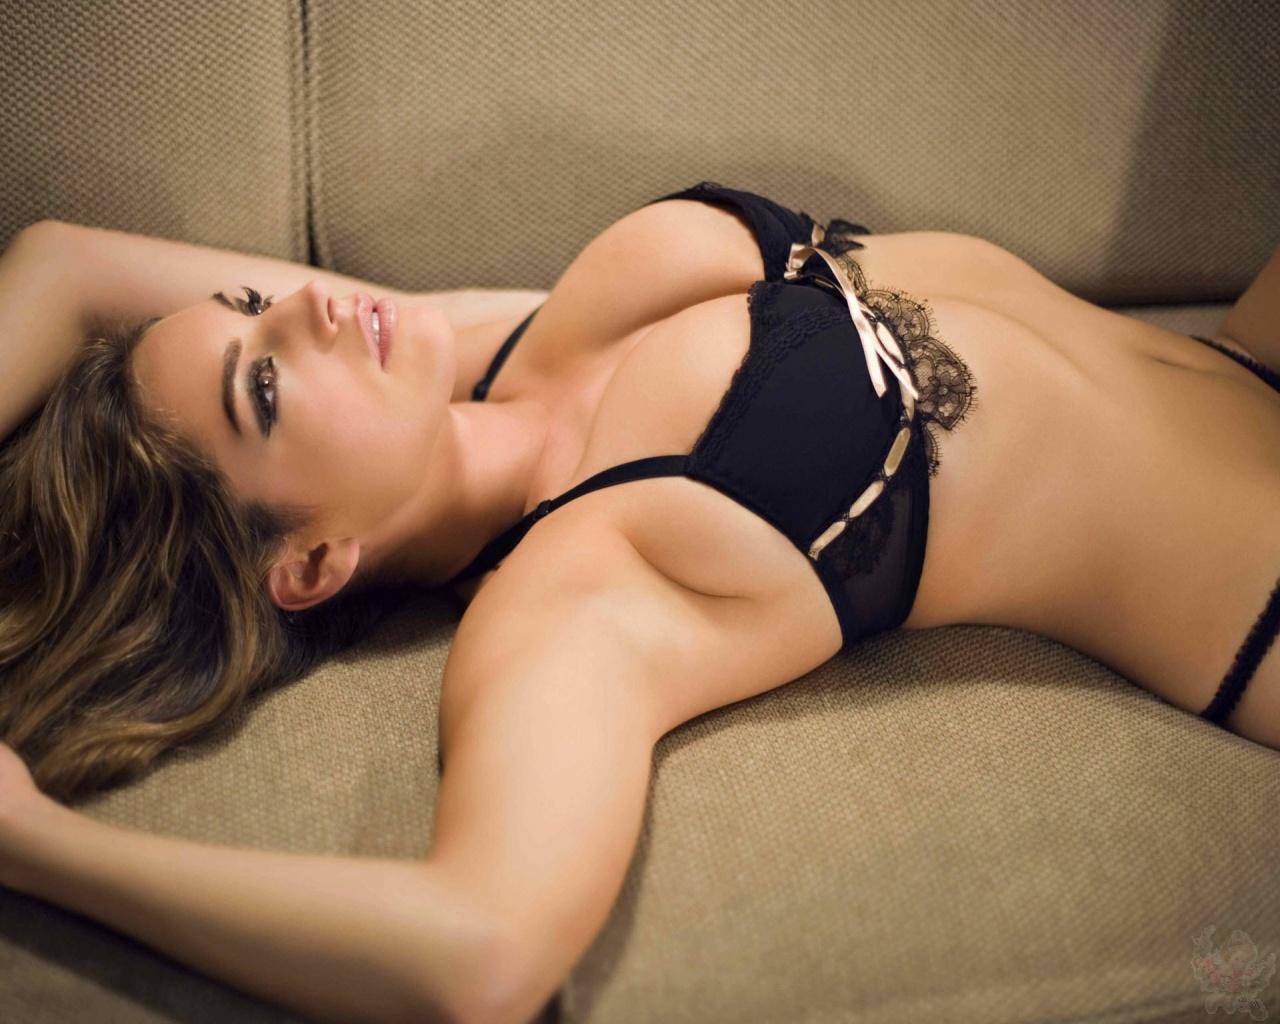 http://4.bp.blogspot.com/-Qmun0OlSpRE/TXo9CBCXvzI/AAAAAAAAE_0/JccFGnbE6eM/s1600/actress_kelly_brook_a_wallpaper_03.jpg